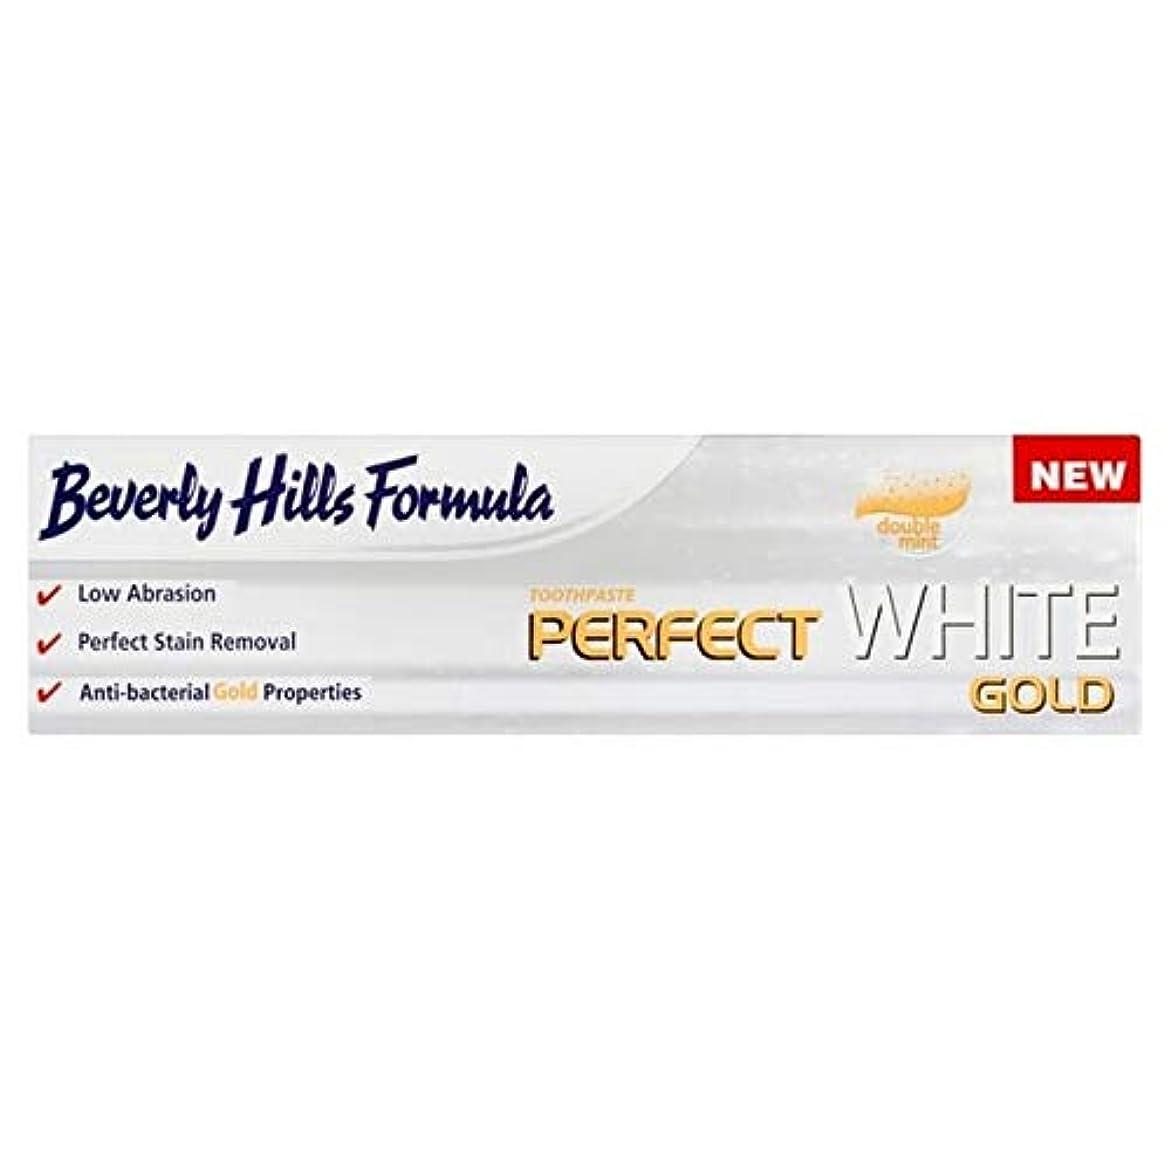 マニア災害ジャーナリスト[Beverly Hills ] ビバリーヒルズ公式パーフェクトホワイトゴールドの100ミリリットル - Beverly Hills Formula Perfect White Gold 100ml [並行輸入品]